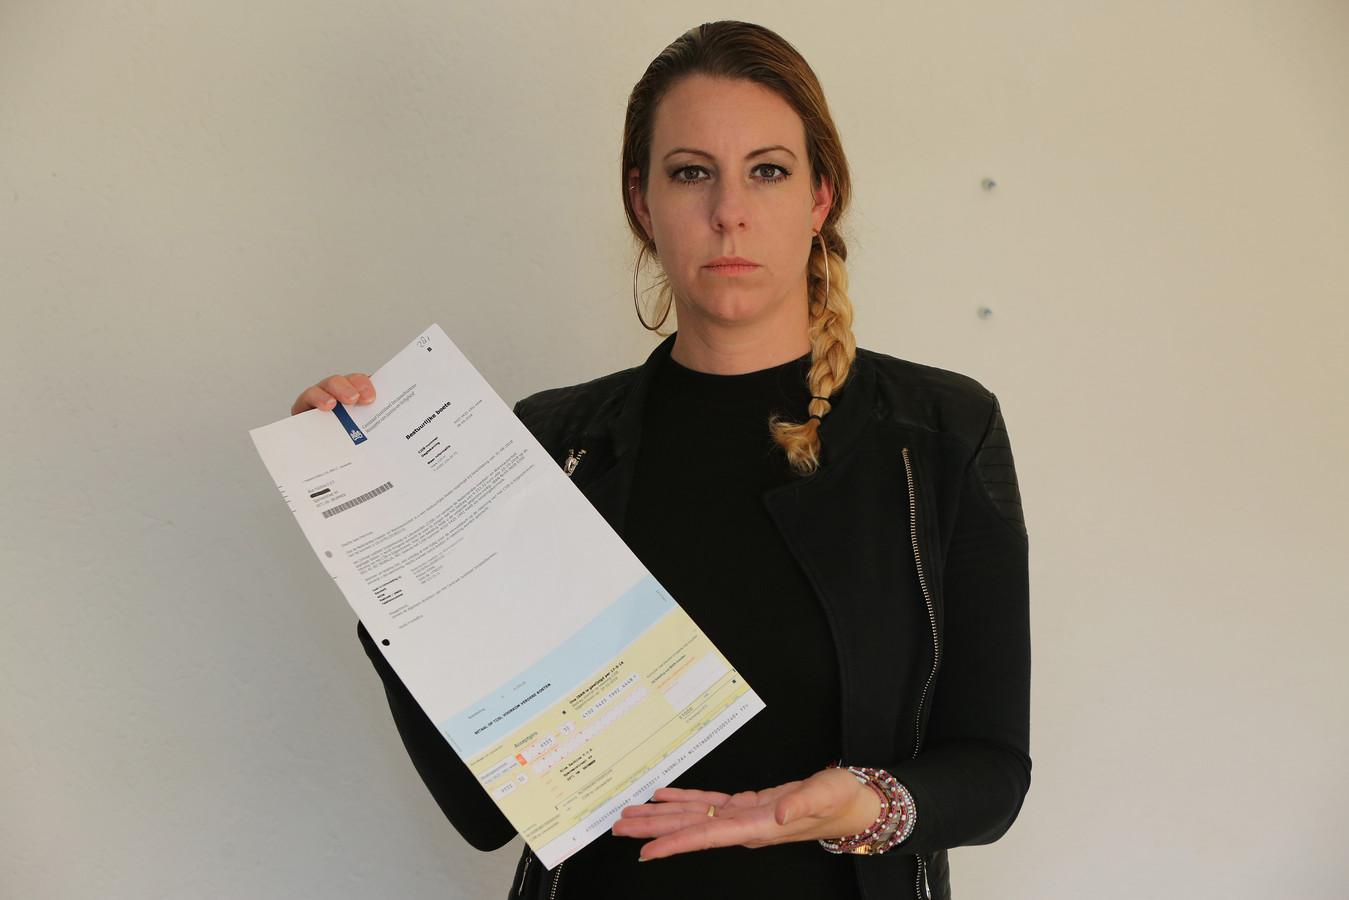 Agnetha Stevens uit Brummen kreeg een boete van bijna 10.000 euro van de NVWA. ,,Dit is schieten met een kanon op een mug. Het staat totaal niet in verhouding.'